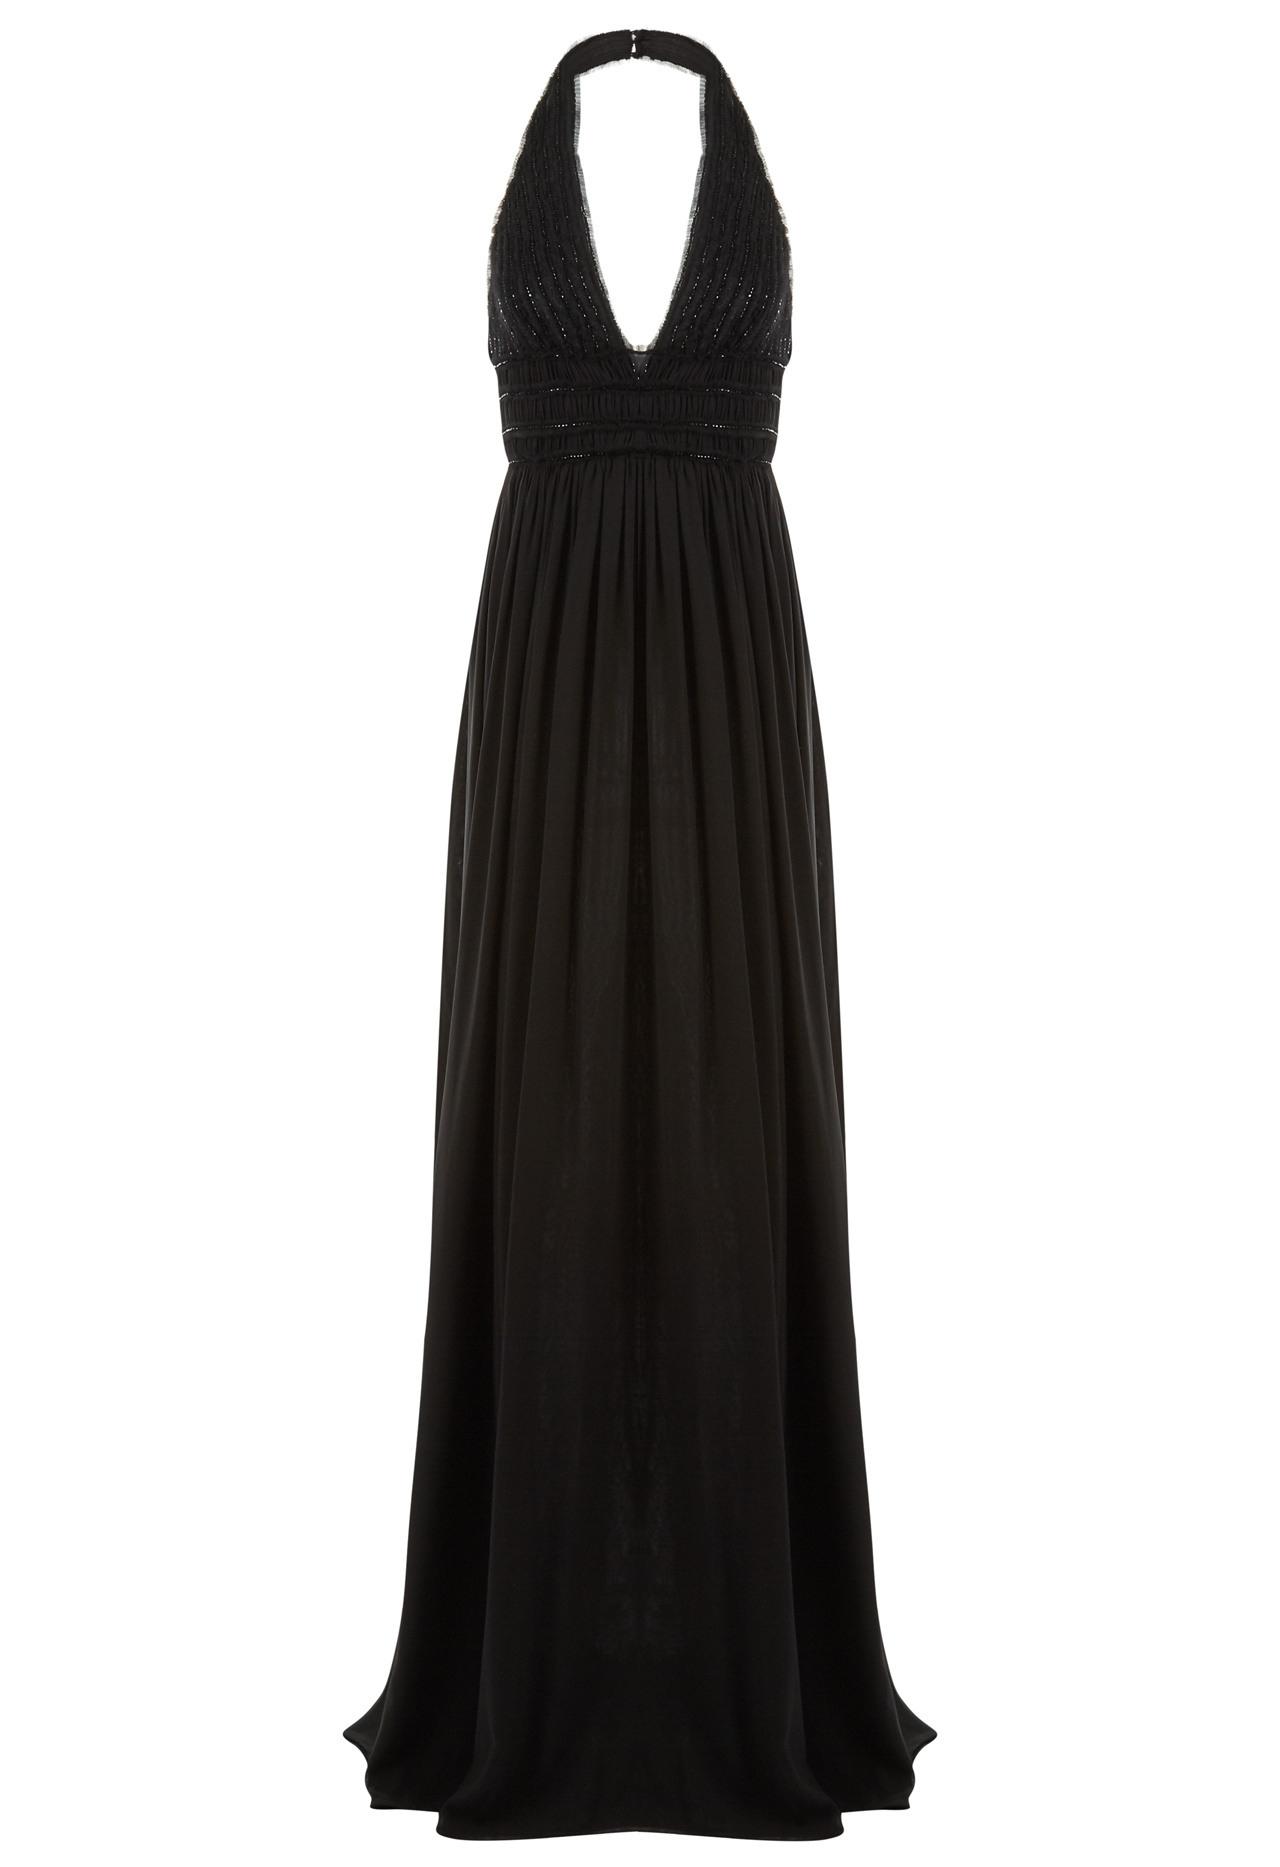 Erstaunlich Neckholder Kleid Bester PreisFormal Spektakulär Neckholder Kleid Design